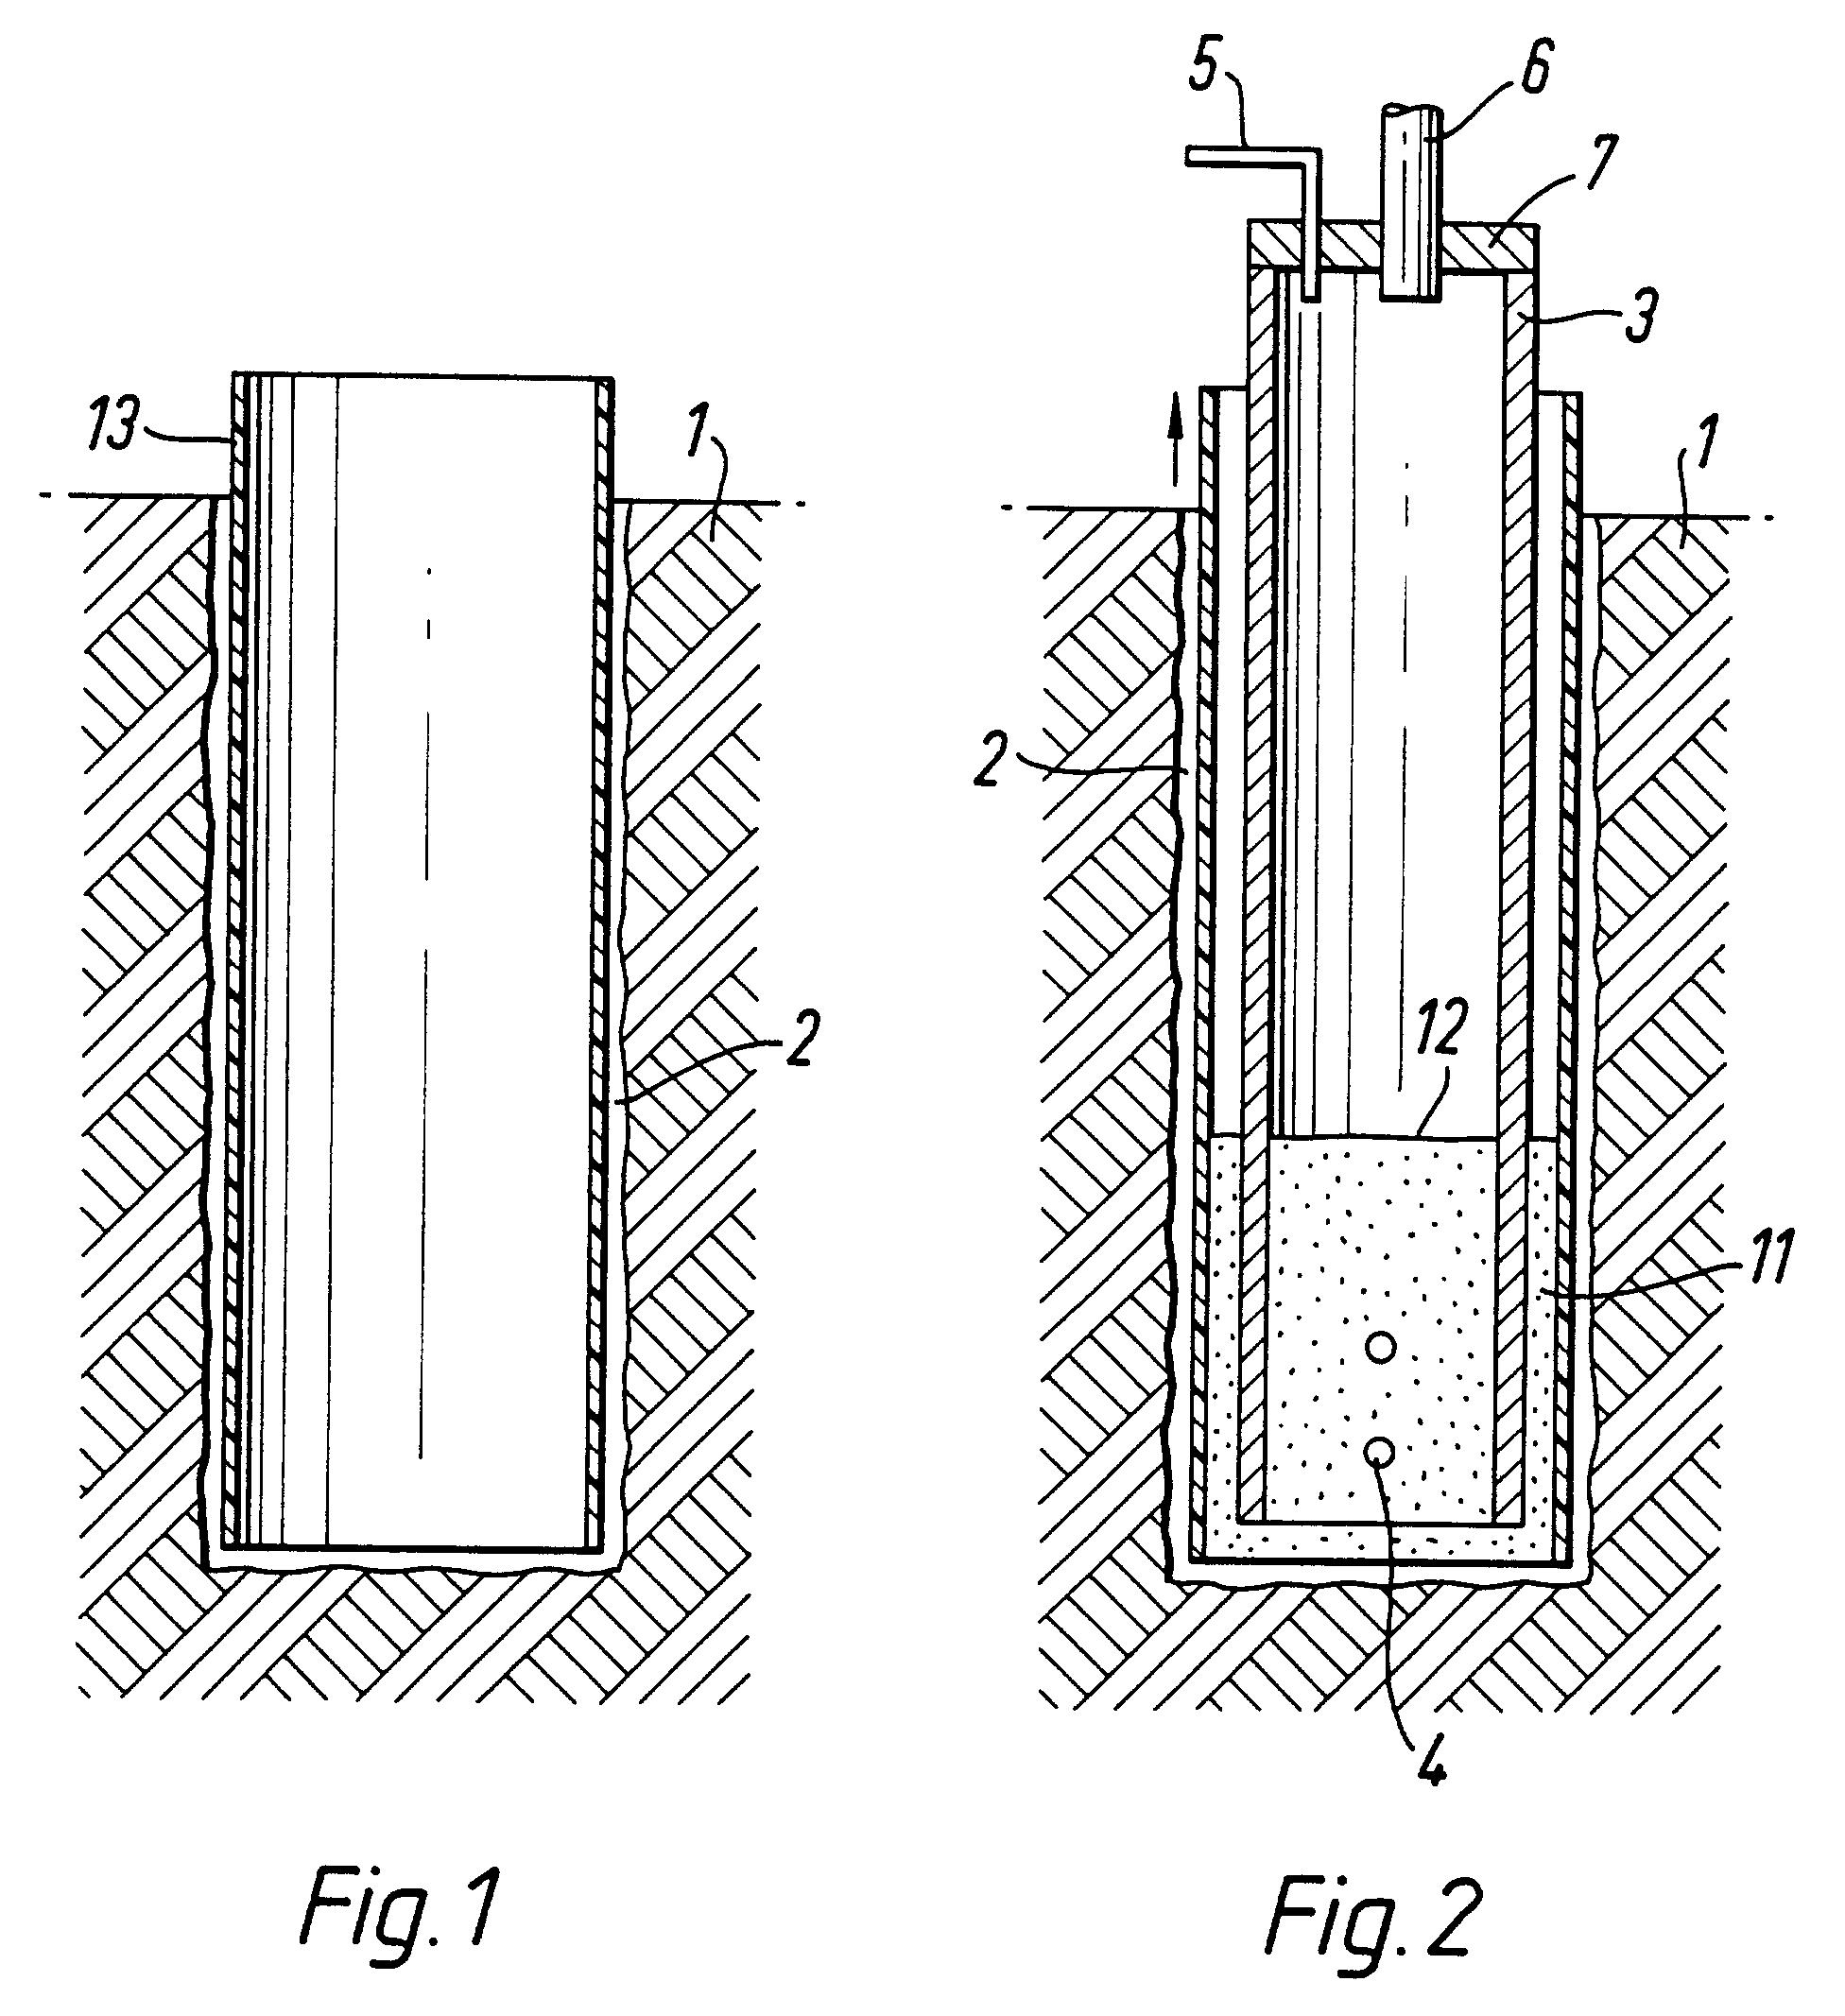 patent ep0750710b1 fundamentrohr zur anwendung als fundament f r masten pfosten s ulen und. Black Bedroom Furniture Sets. Home Design Ideas